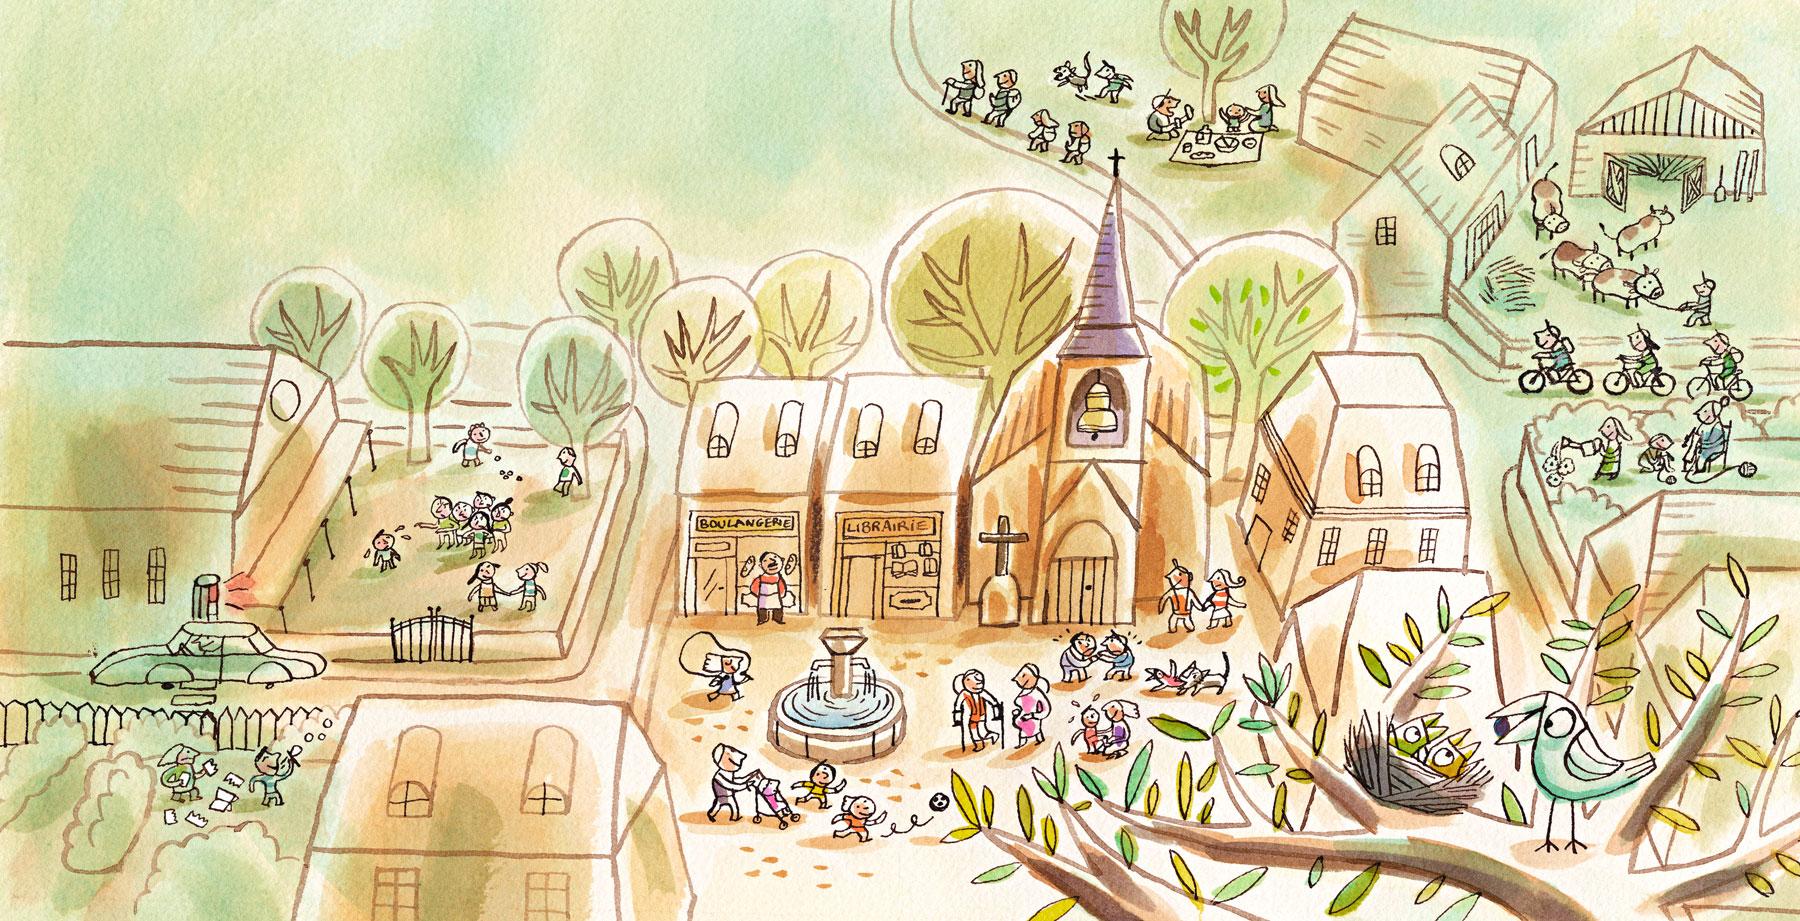 Illustration de Nathalie Dieterlé pour le magazine Pomme d'api soleil édité par Bayard Presse